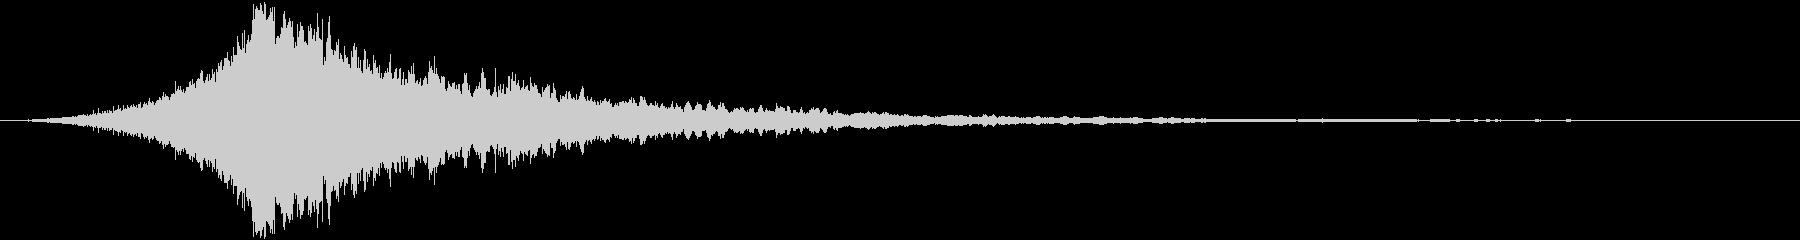 映画のタイトルロゴ(ダーク・ホラー)の未再生の波形